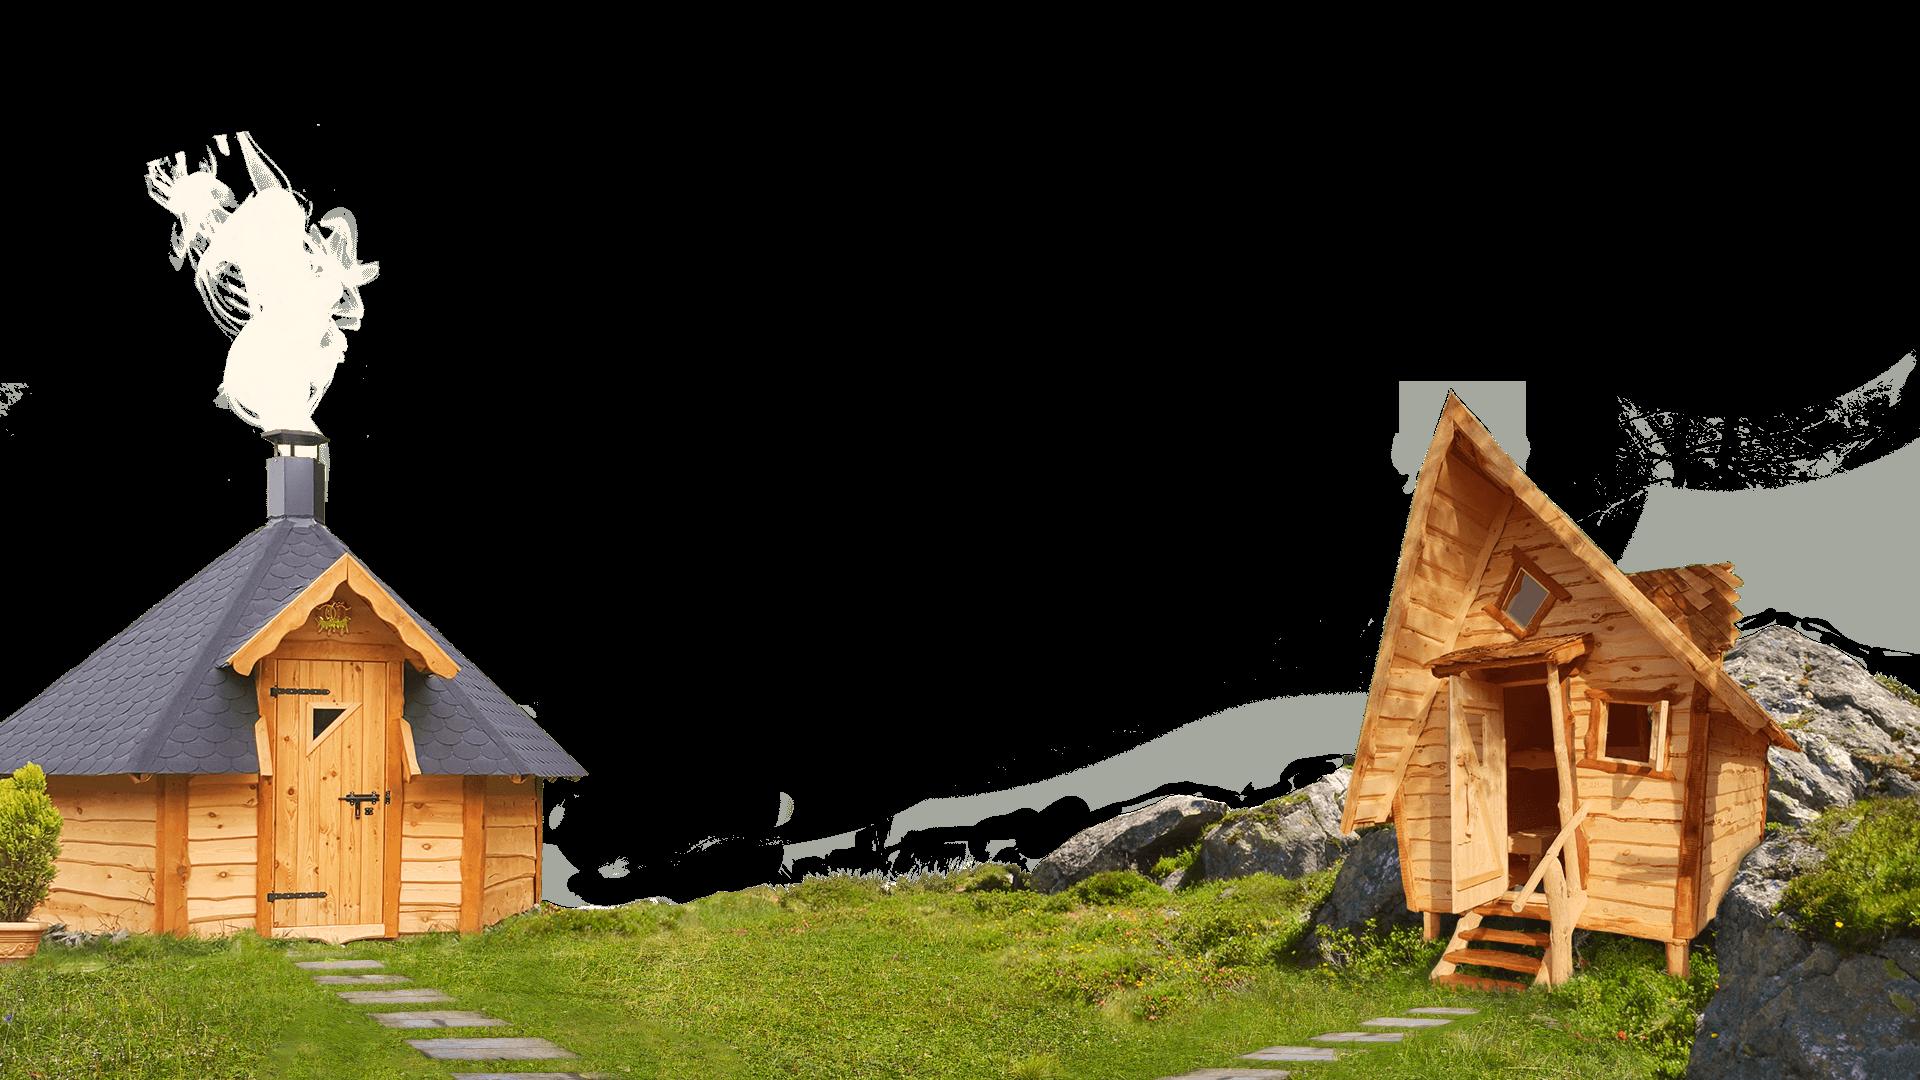 Full Size of Zauberhafte Sauna Und Holzhtten Wie Im Mrchenwald Bett Mit Hohem Kopfteil Schubladen 160x200 90x200 Weiß Betten Stauraum Mitarbeitergespräche Führen Wohnzimmer Gartensauna Mit Holzofen